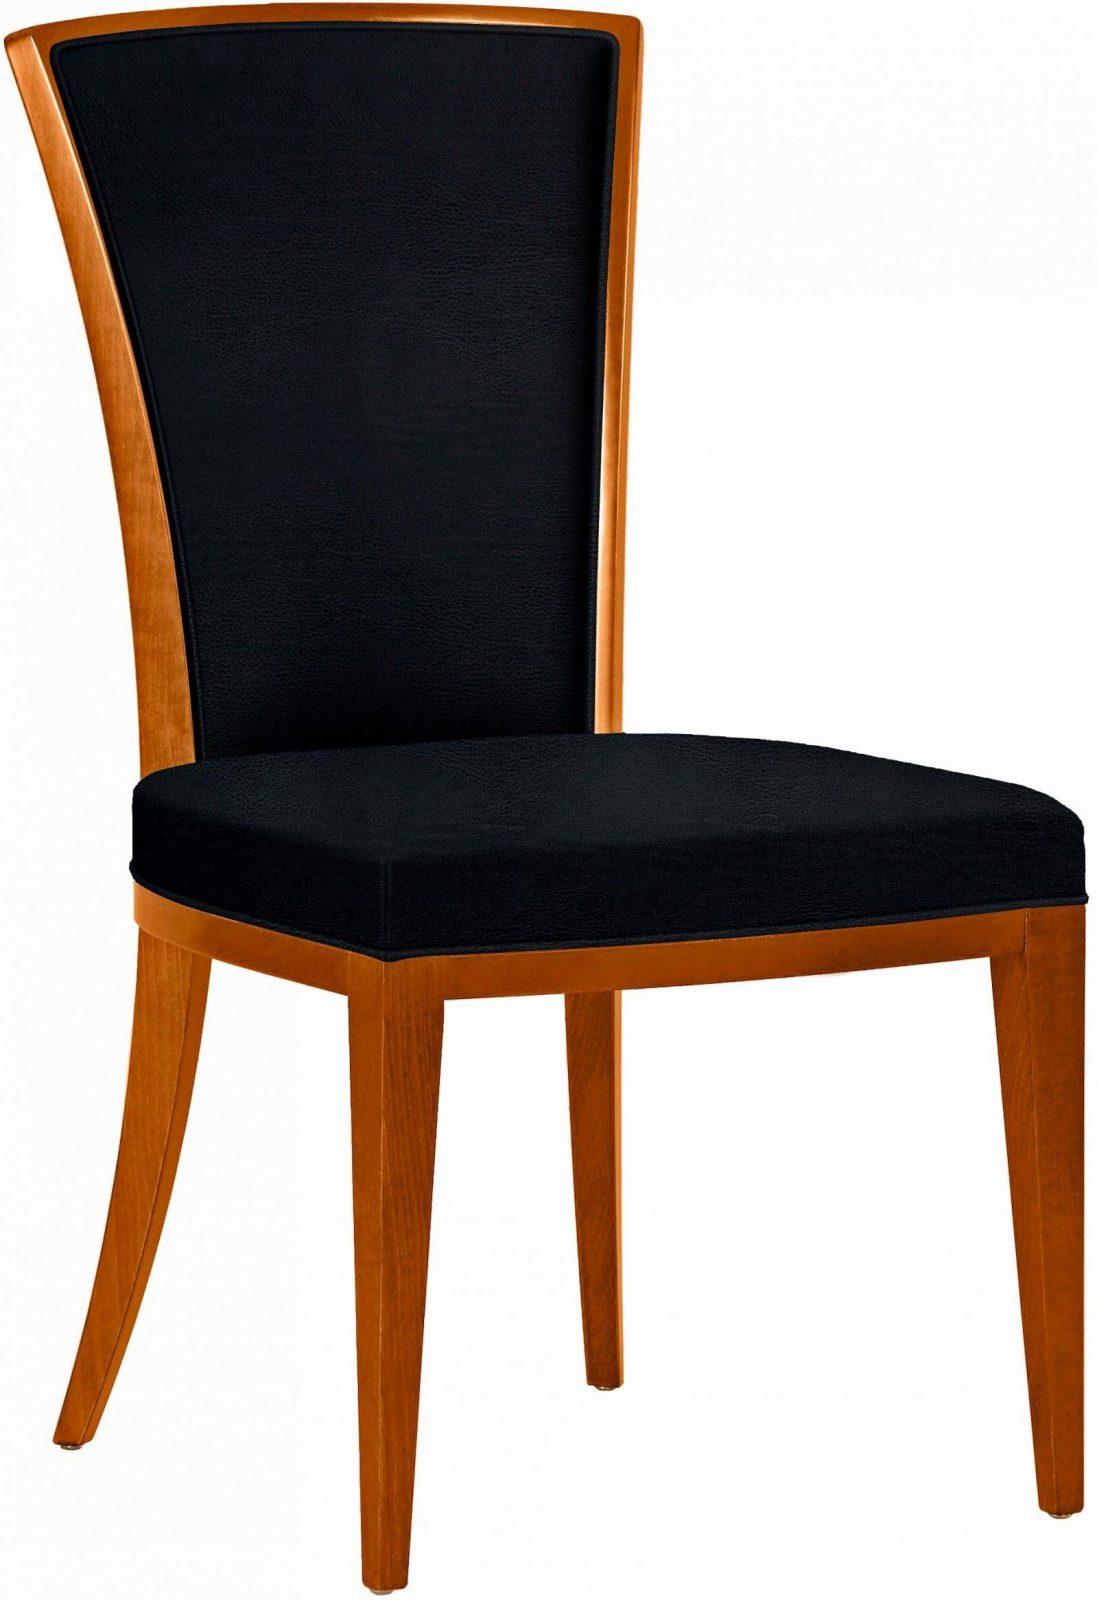 Joop Bettwäsche Restposten Einzigartig Top Ergebnis 50 Genial Stühle von Joop Bettwäsche Restposten Bild